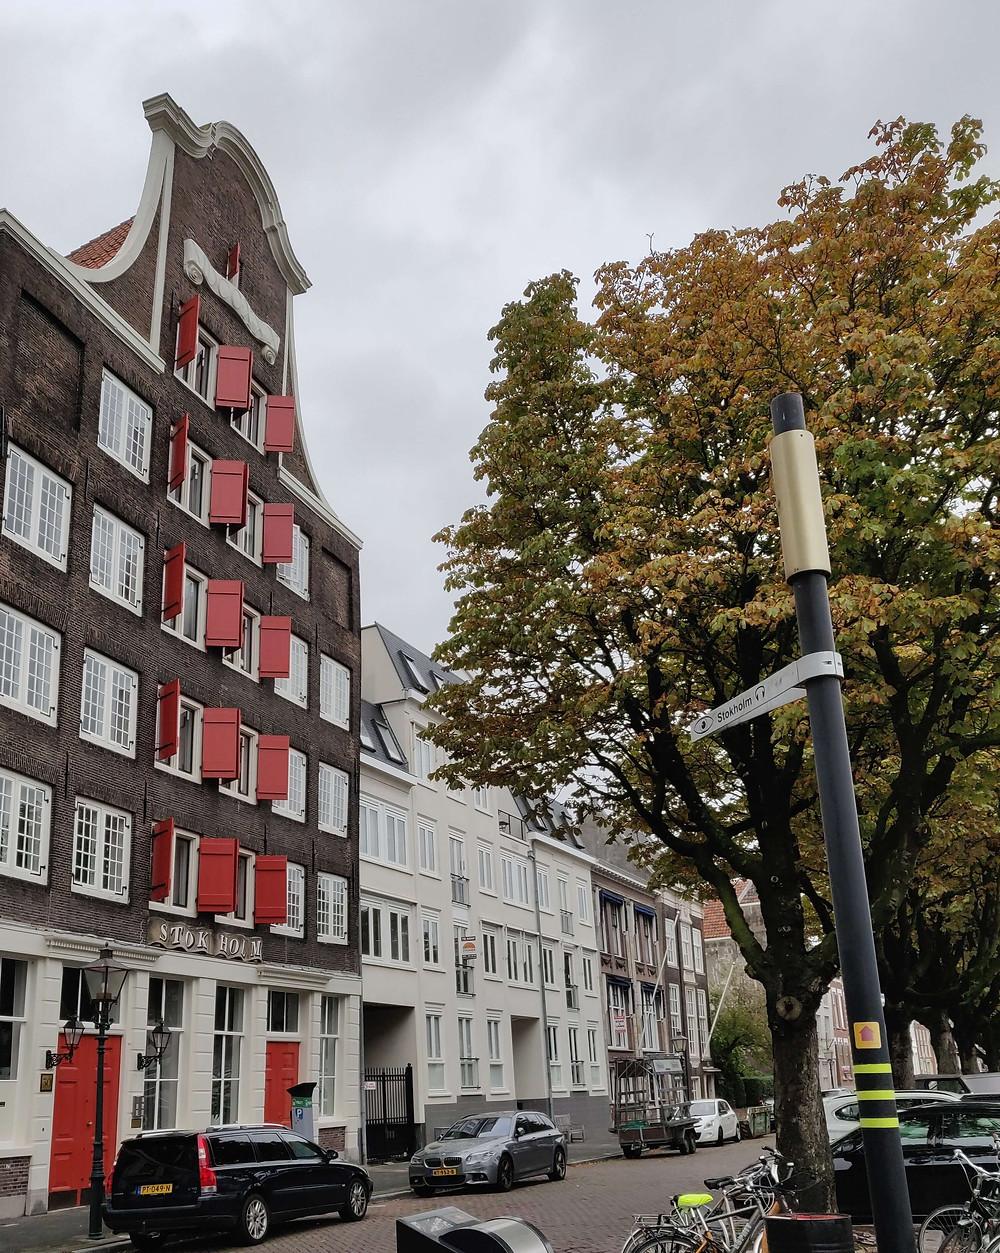 בית אחסון מן המאה ה 18, בית סטוקהולם